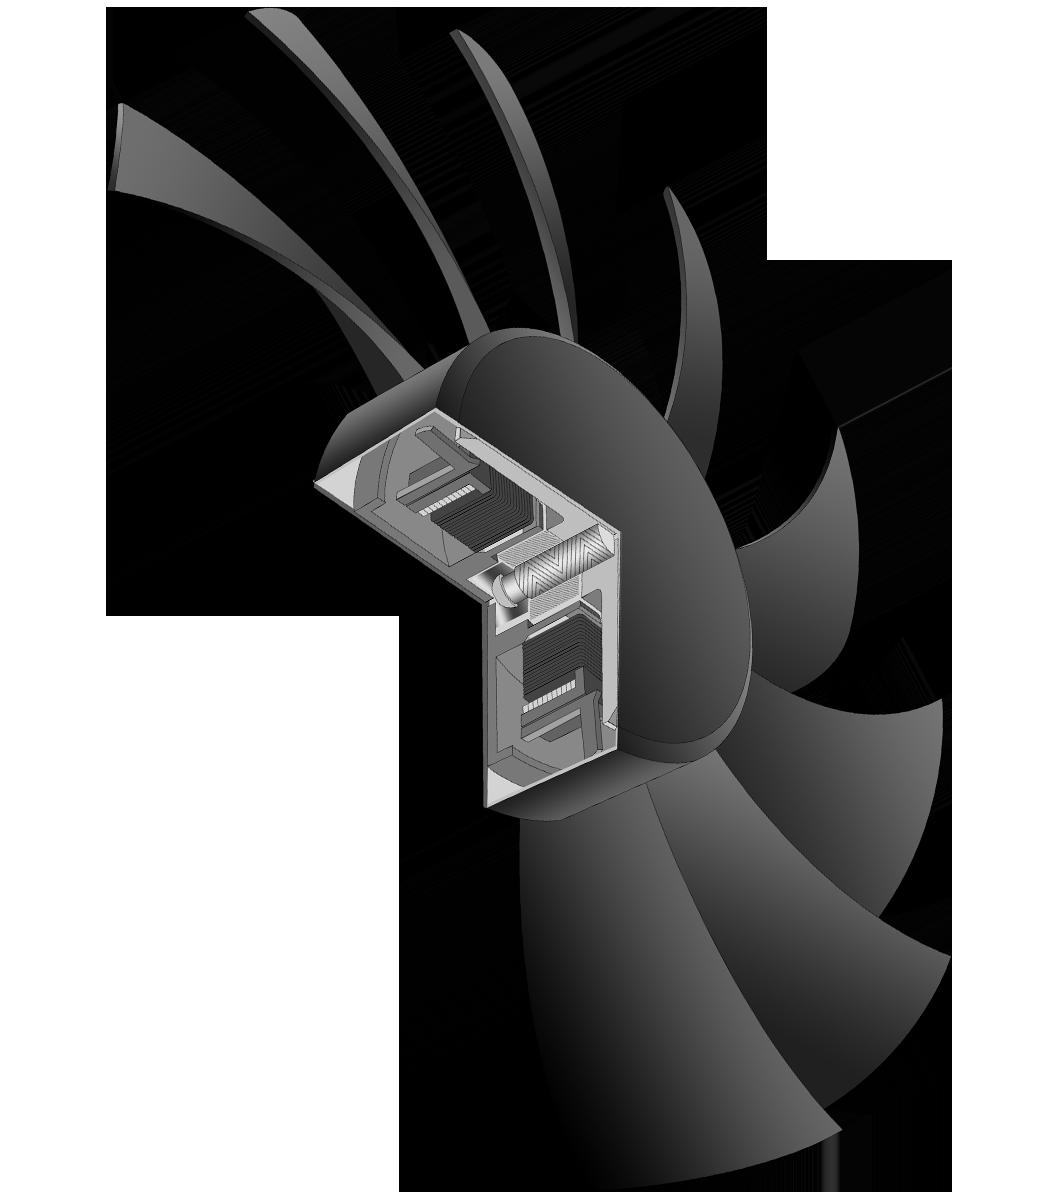 Nguồn/ Power SeaSonic 620W S12II-620